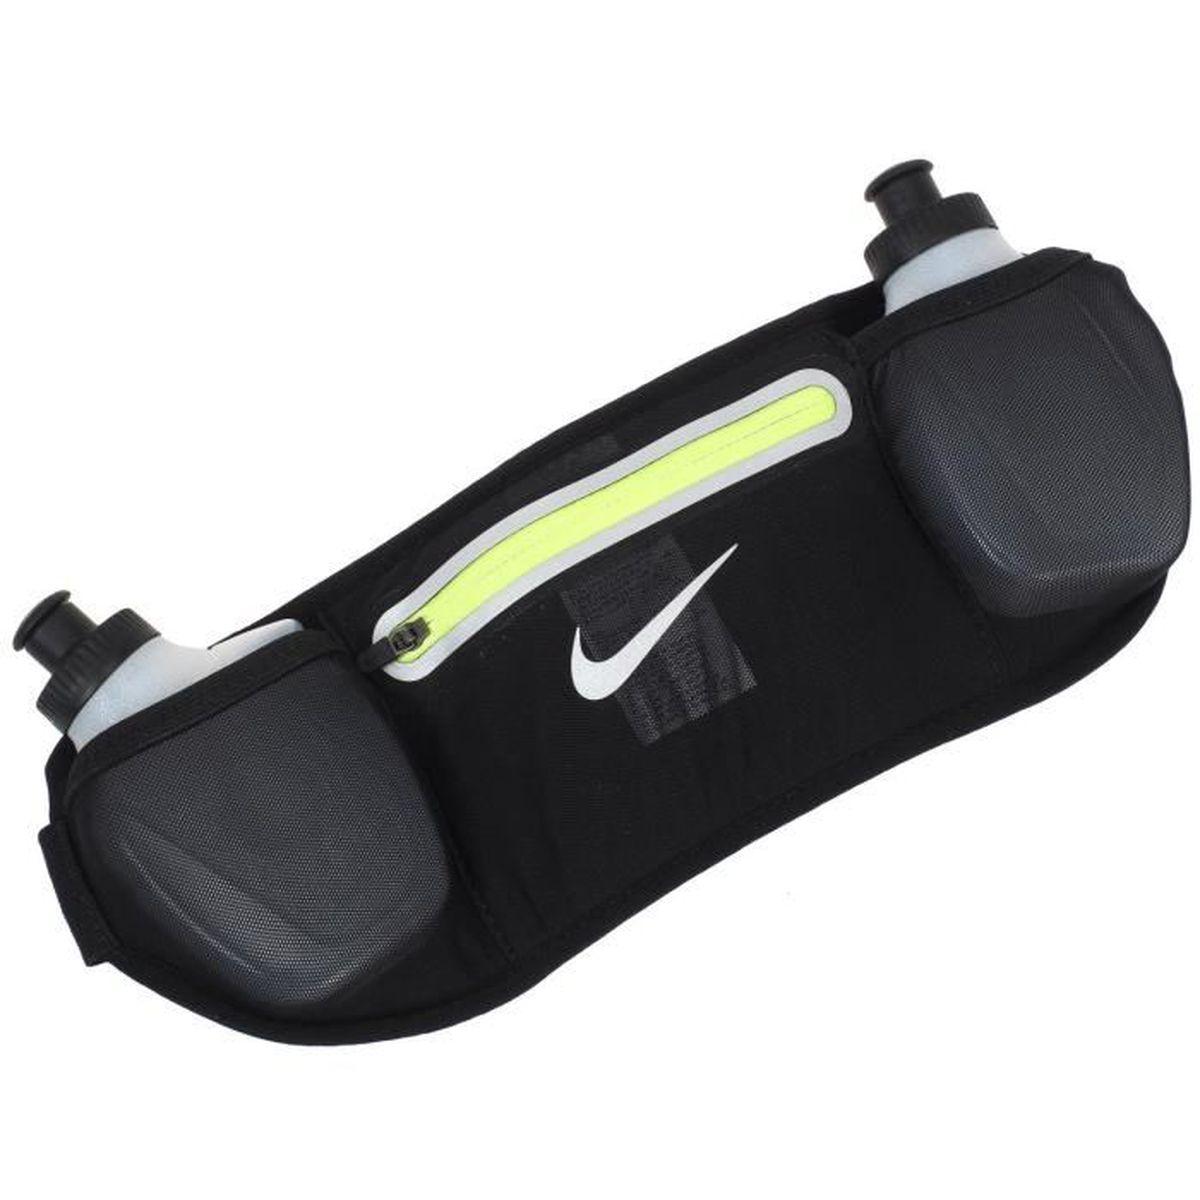 Ceinture de running Lean 2 bottle - Nike UNI Noir - Prix pas cher ... e92ebb10b11